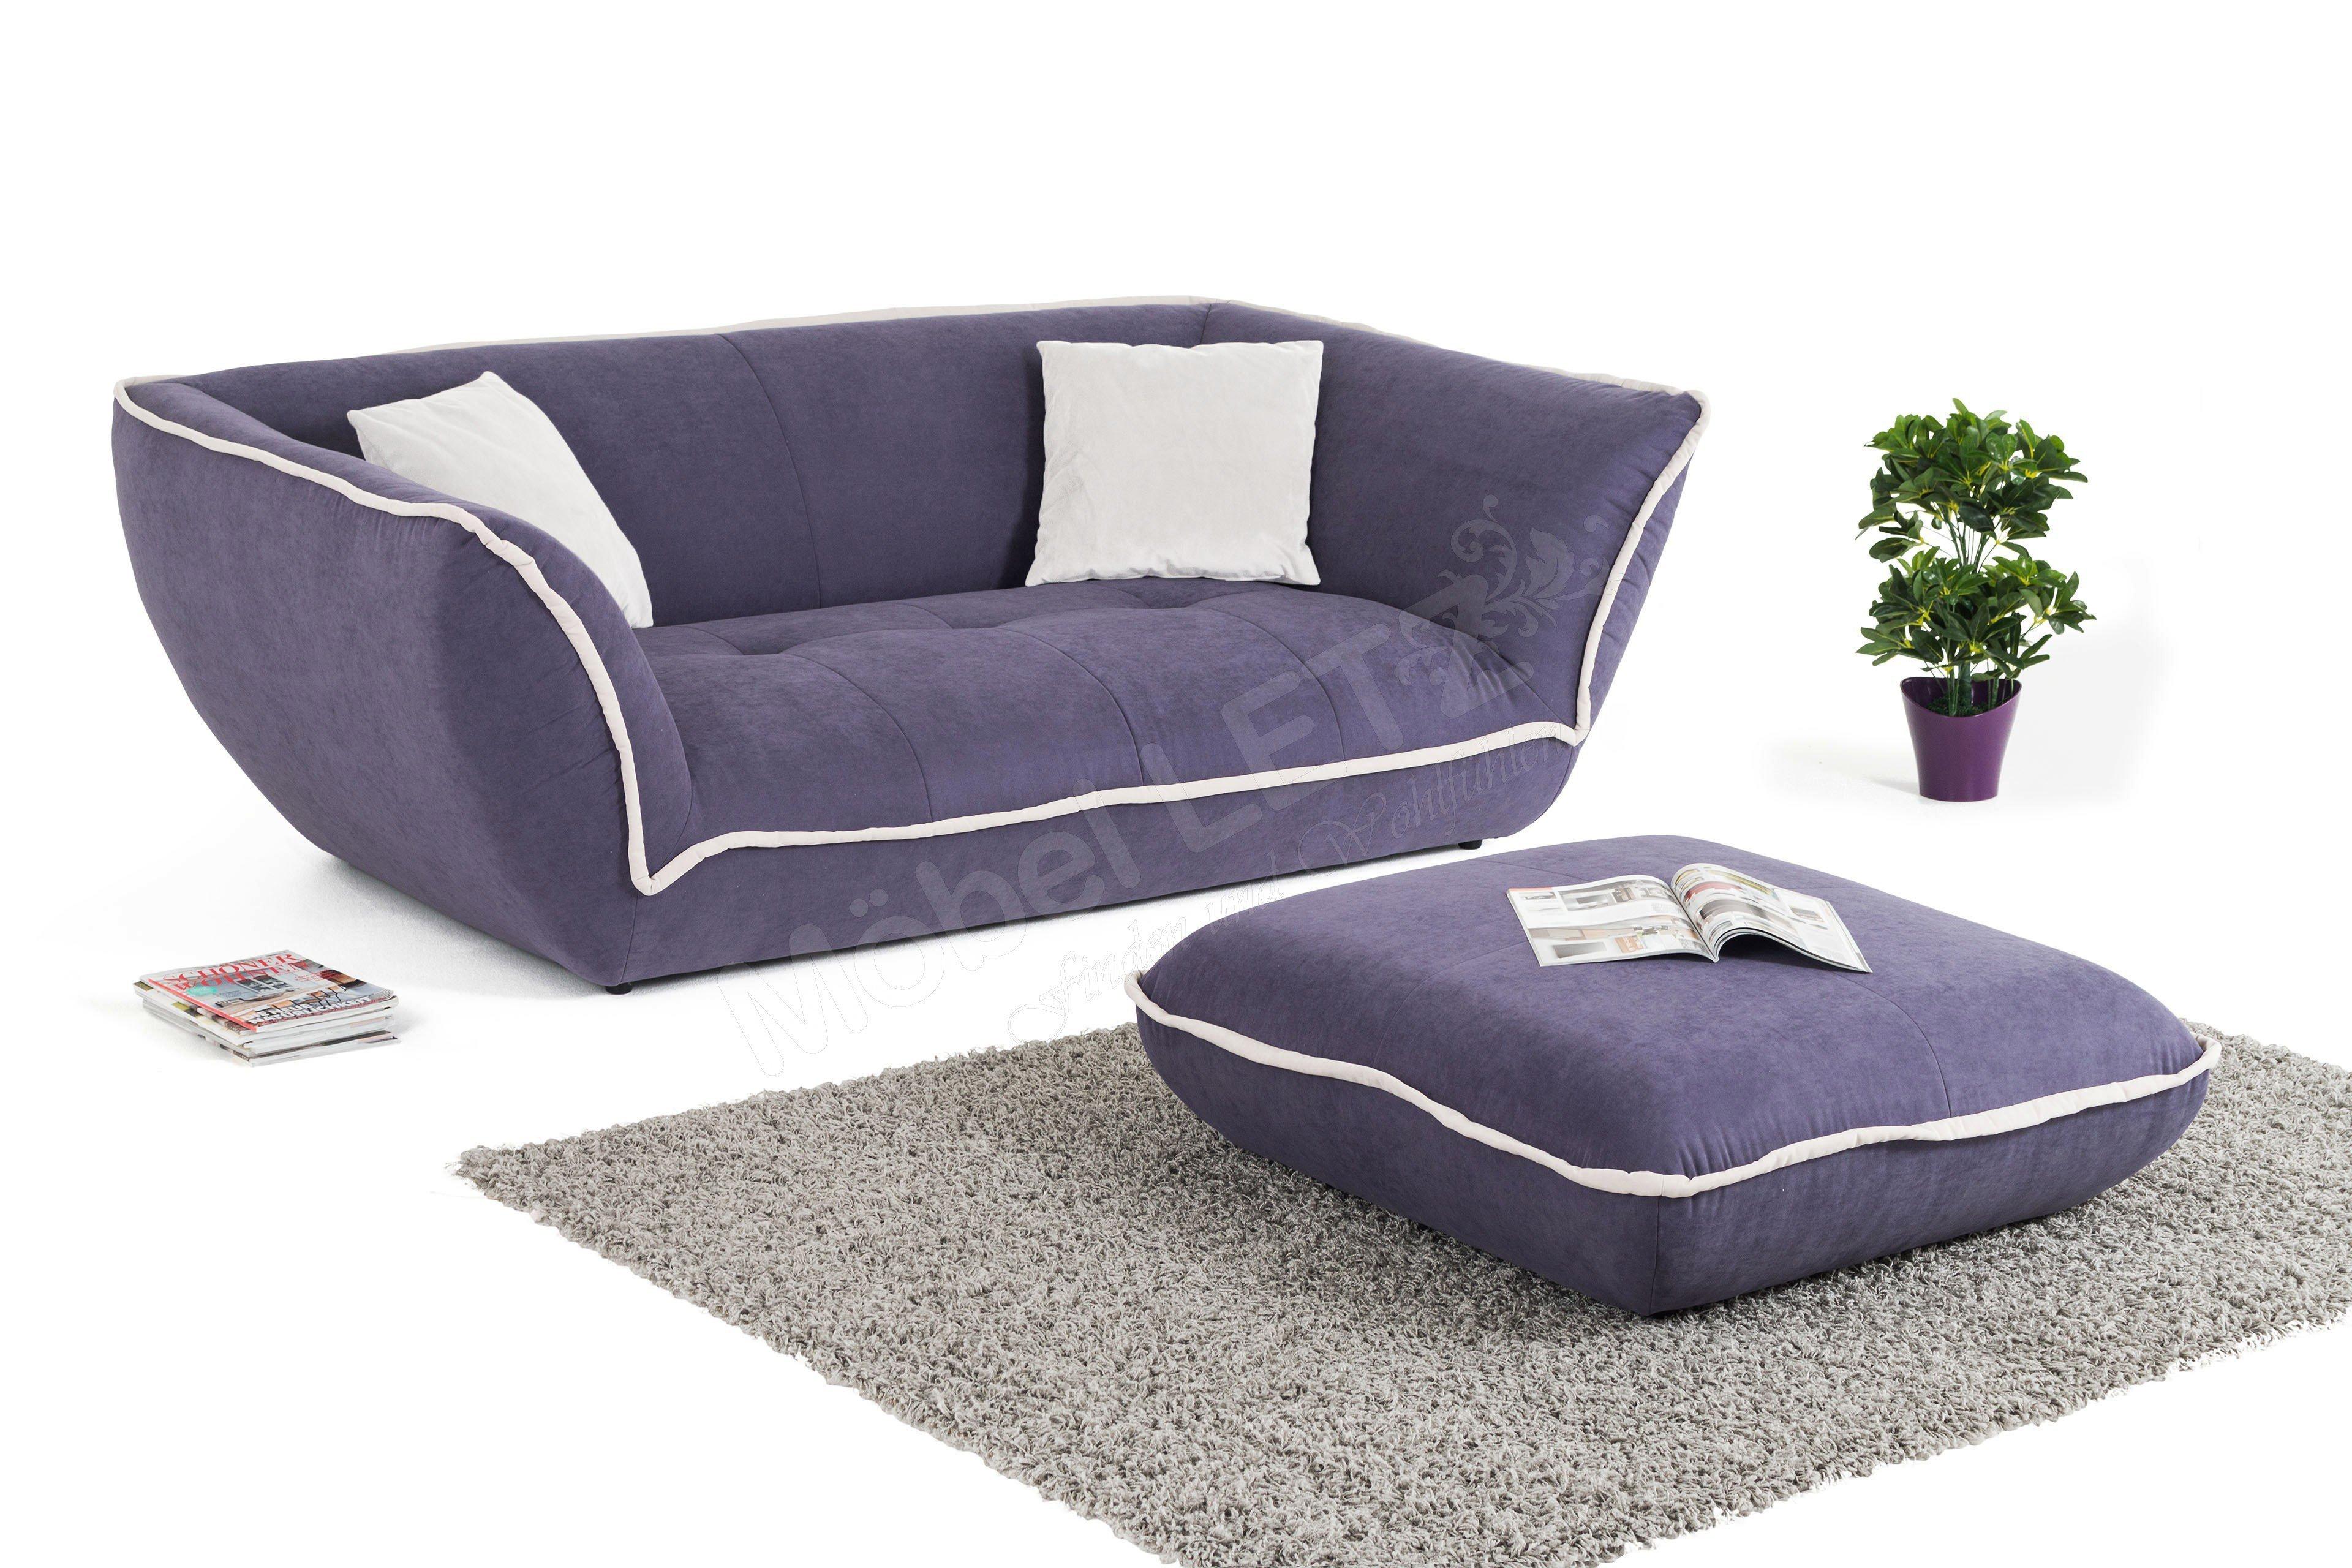 new look m bel speed megasofa lila beige m bel letz ihr online shop. Black Bedroom Furniture Sets. Home Design Ideas